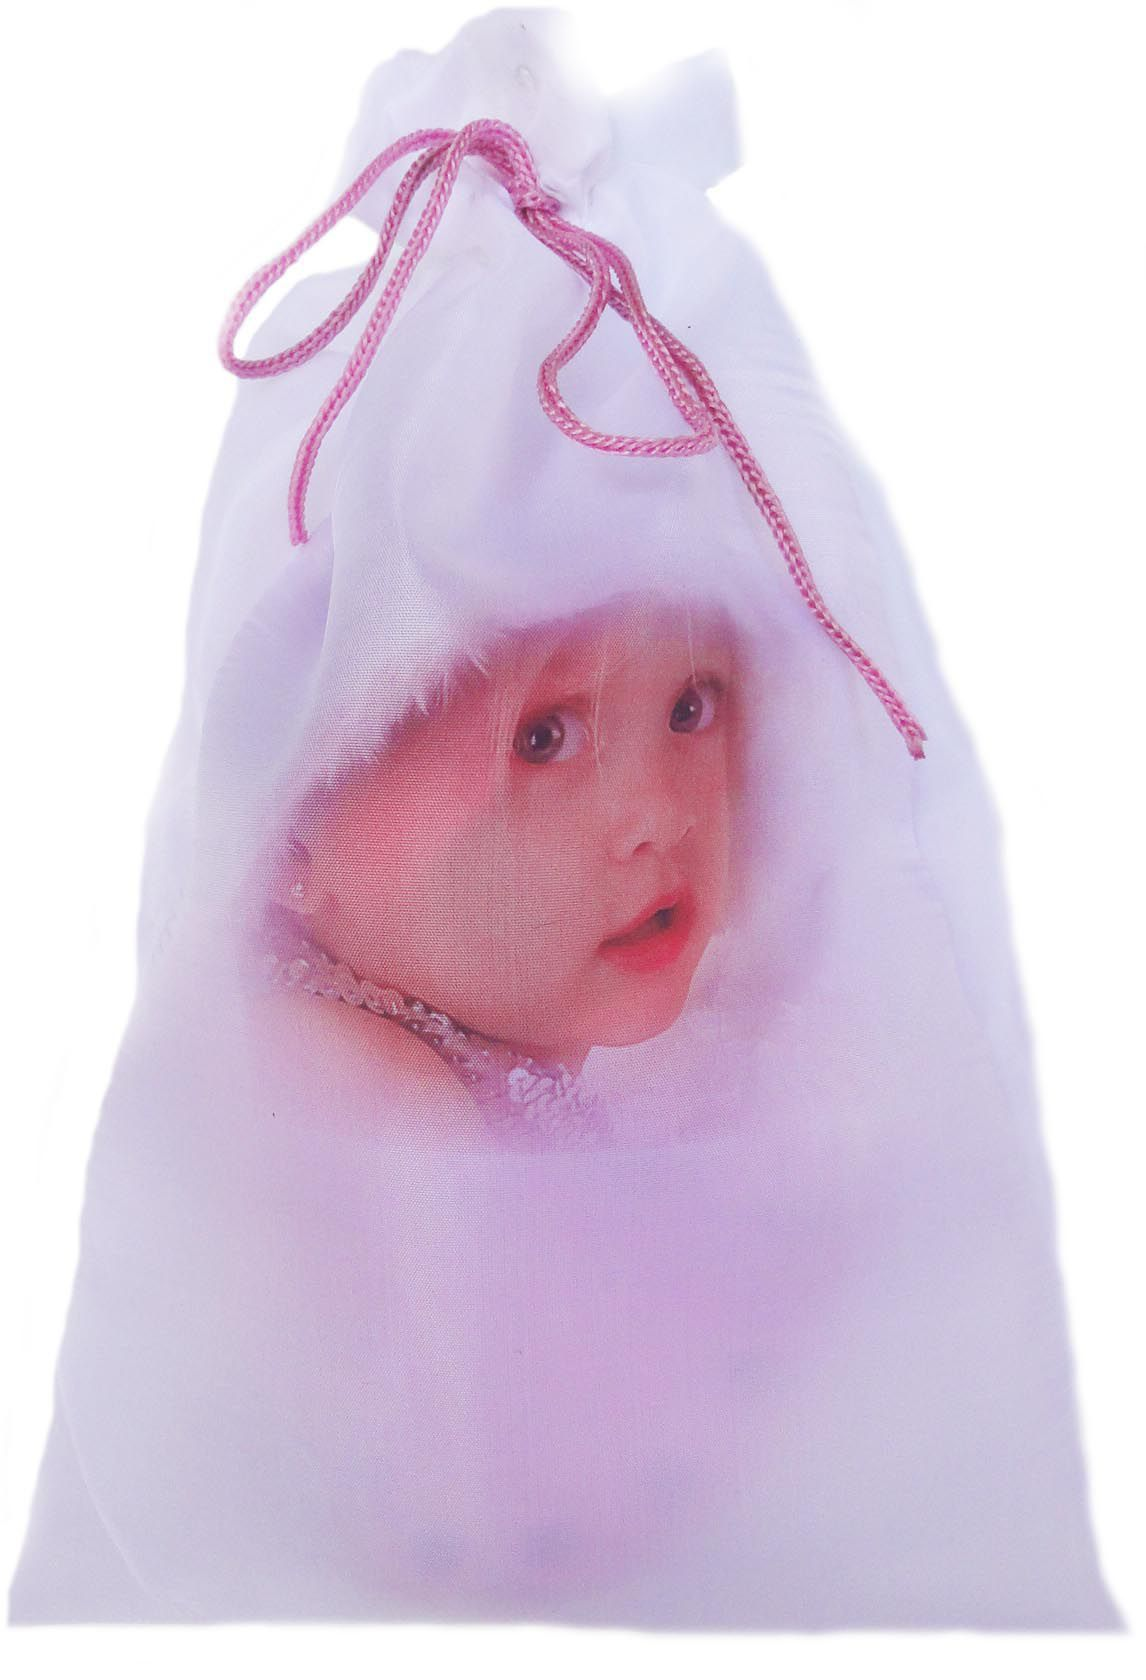 Saquinho de cetim personalizado para chinelo infantil - 20x30 - impressão digital Colorida -  Linha Classic 7291  - Litex Embalagens